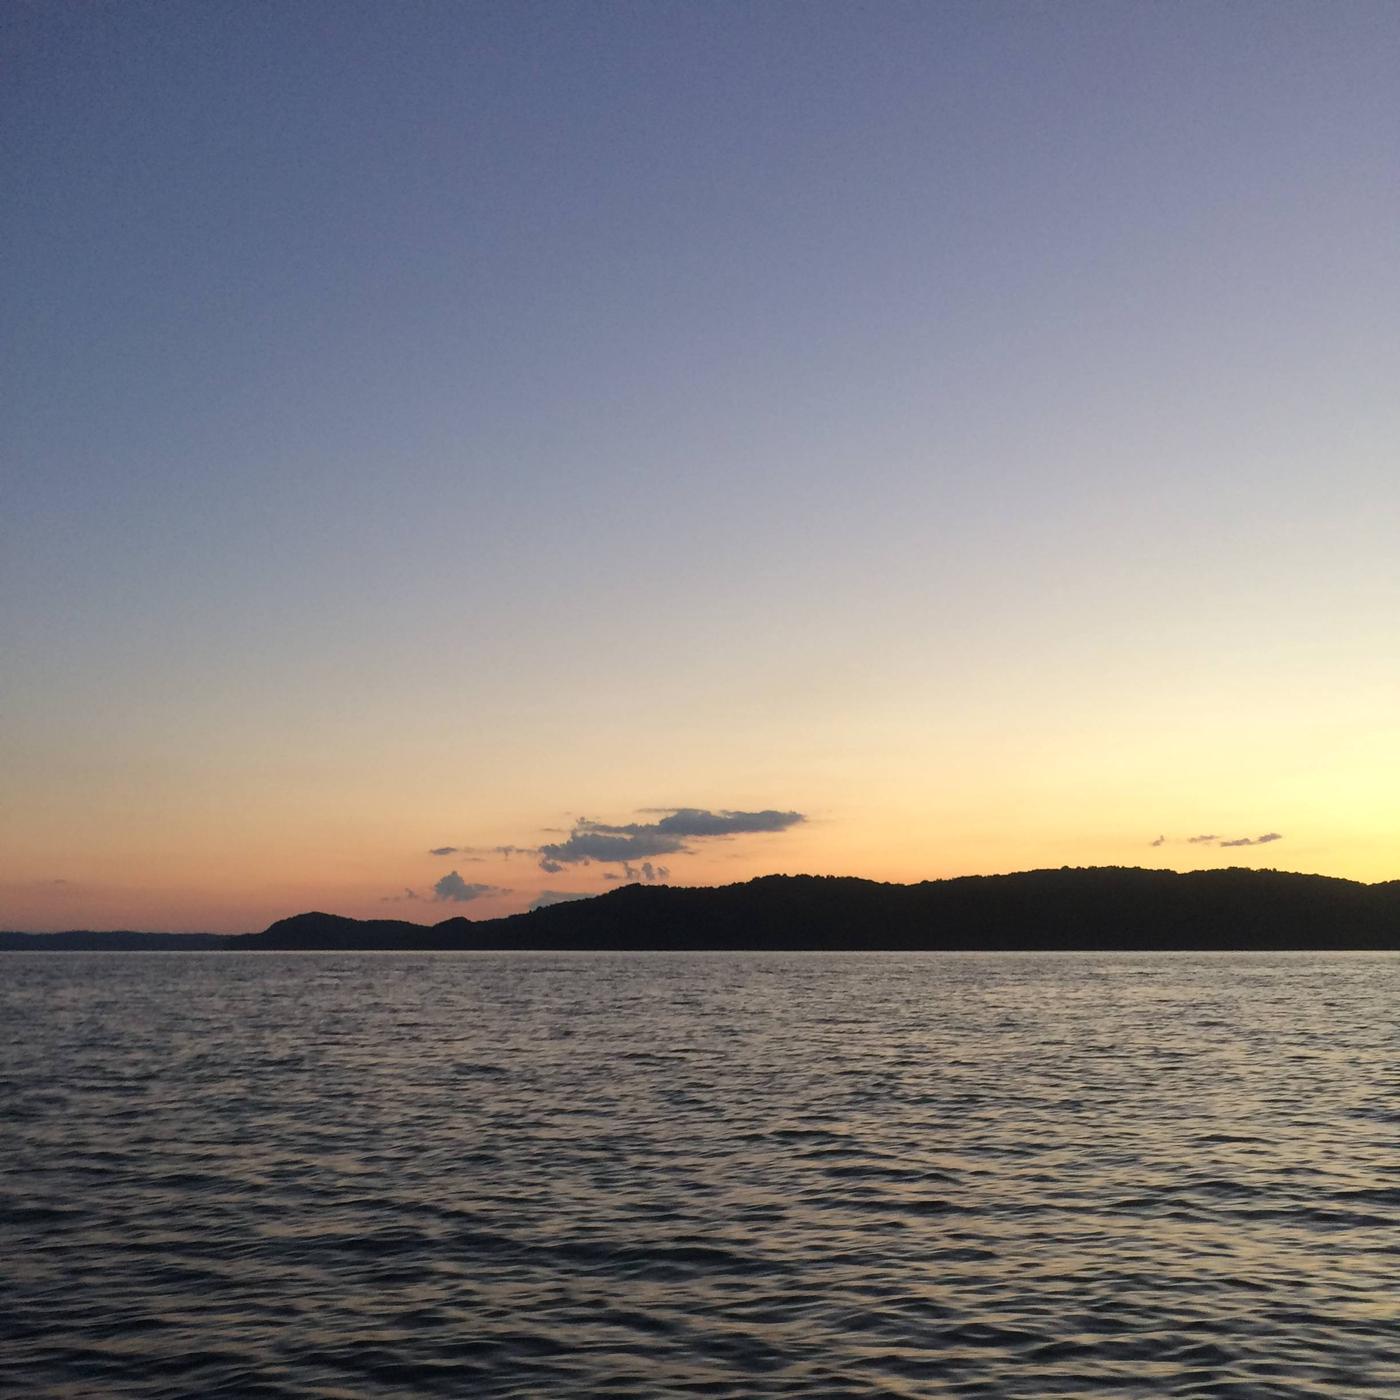 Sunset at Lake CumberlandBeautiful Lake Cumberland at sunset